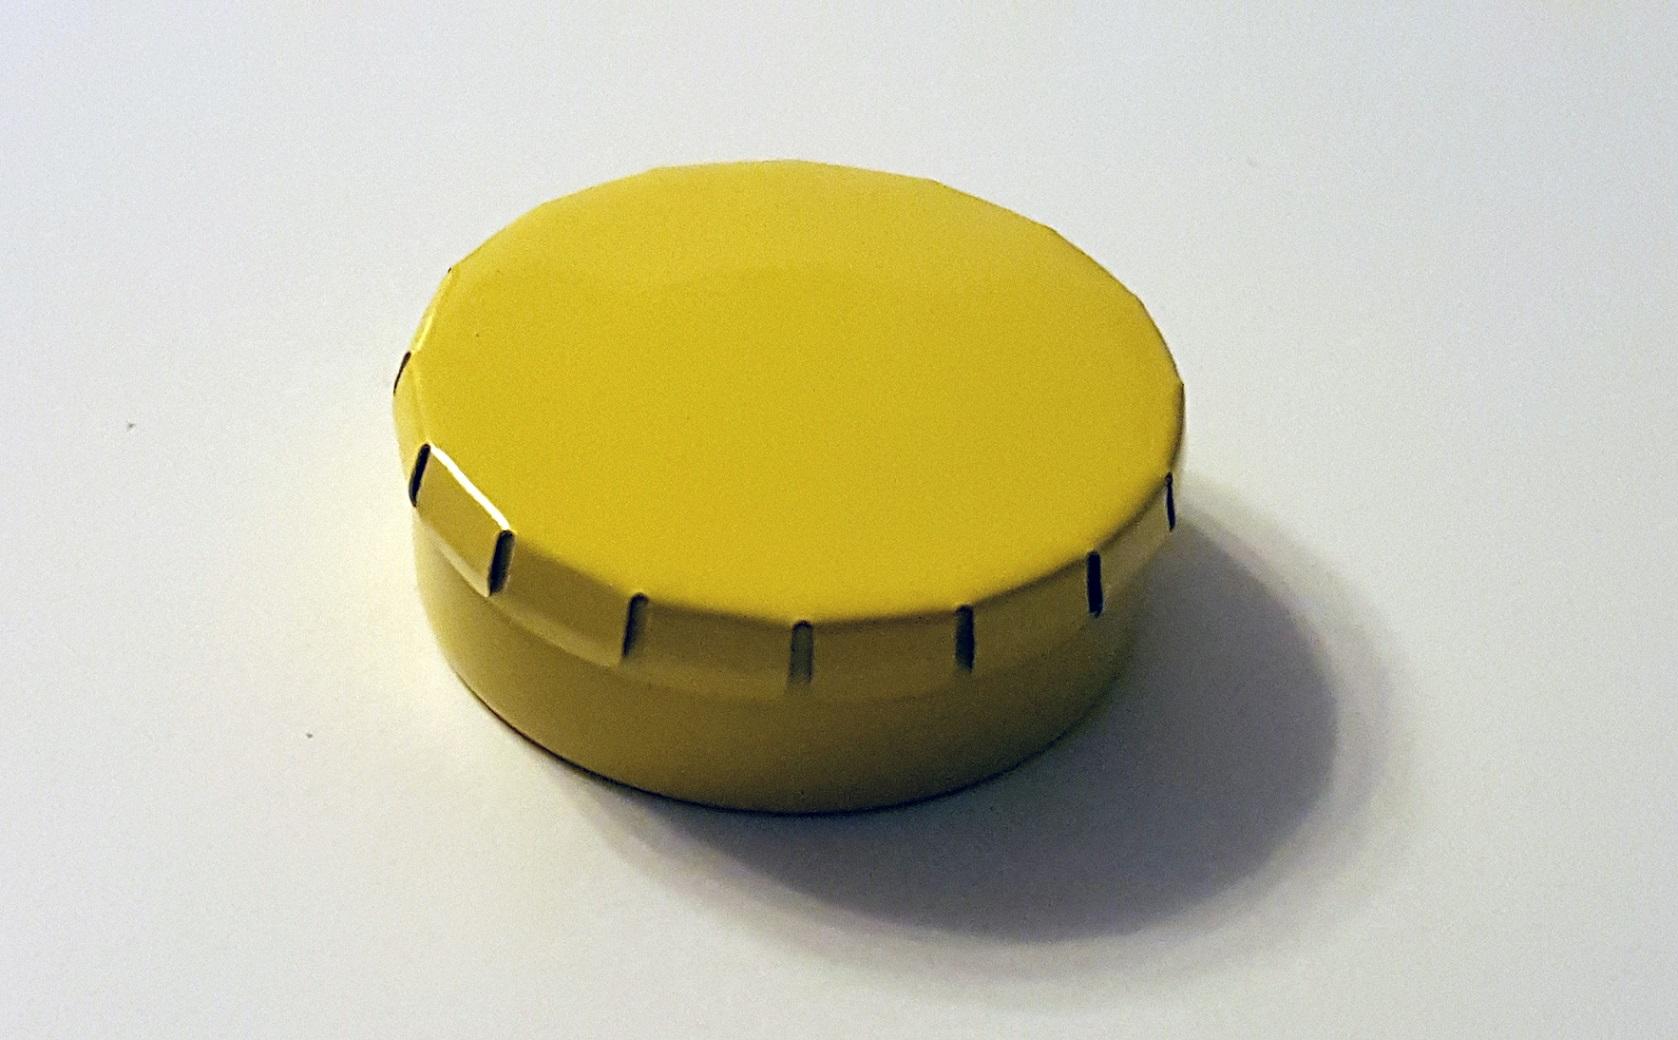 runde blechdose mit klick klack deckel d45 15mm gelb. Black Bedroom Furniture Sets. Home Design Ideas